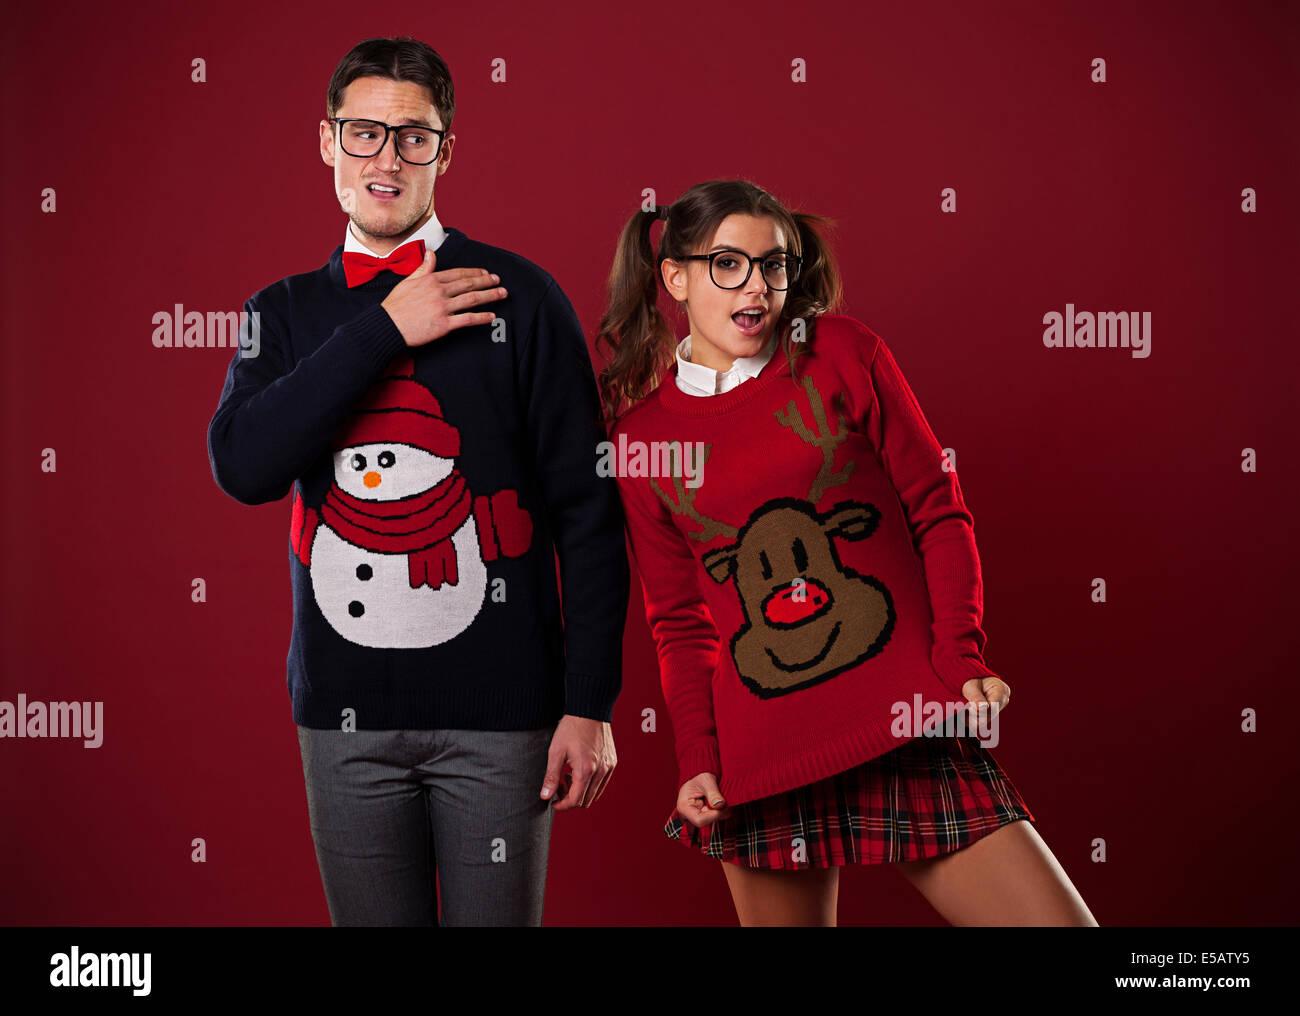 Crazy nerd dans drôle de couple pulls amusant Debica, Pologne Photo Stock